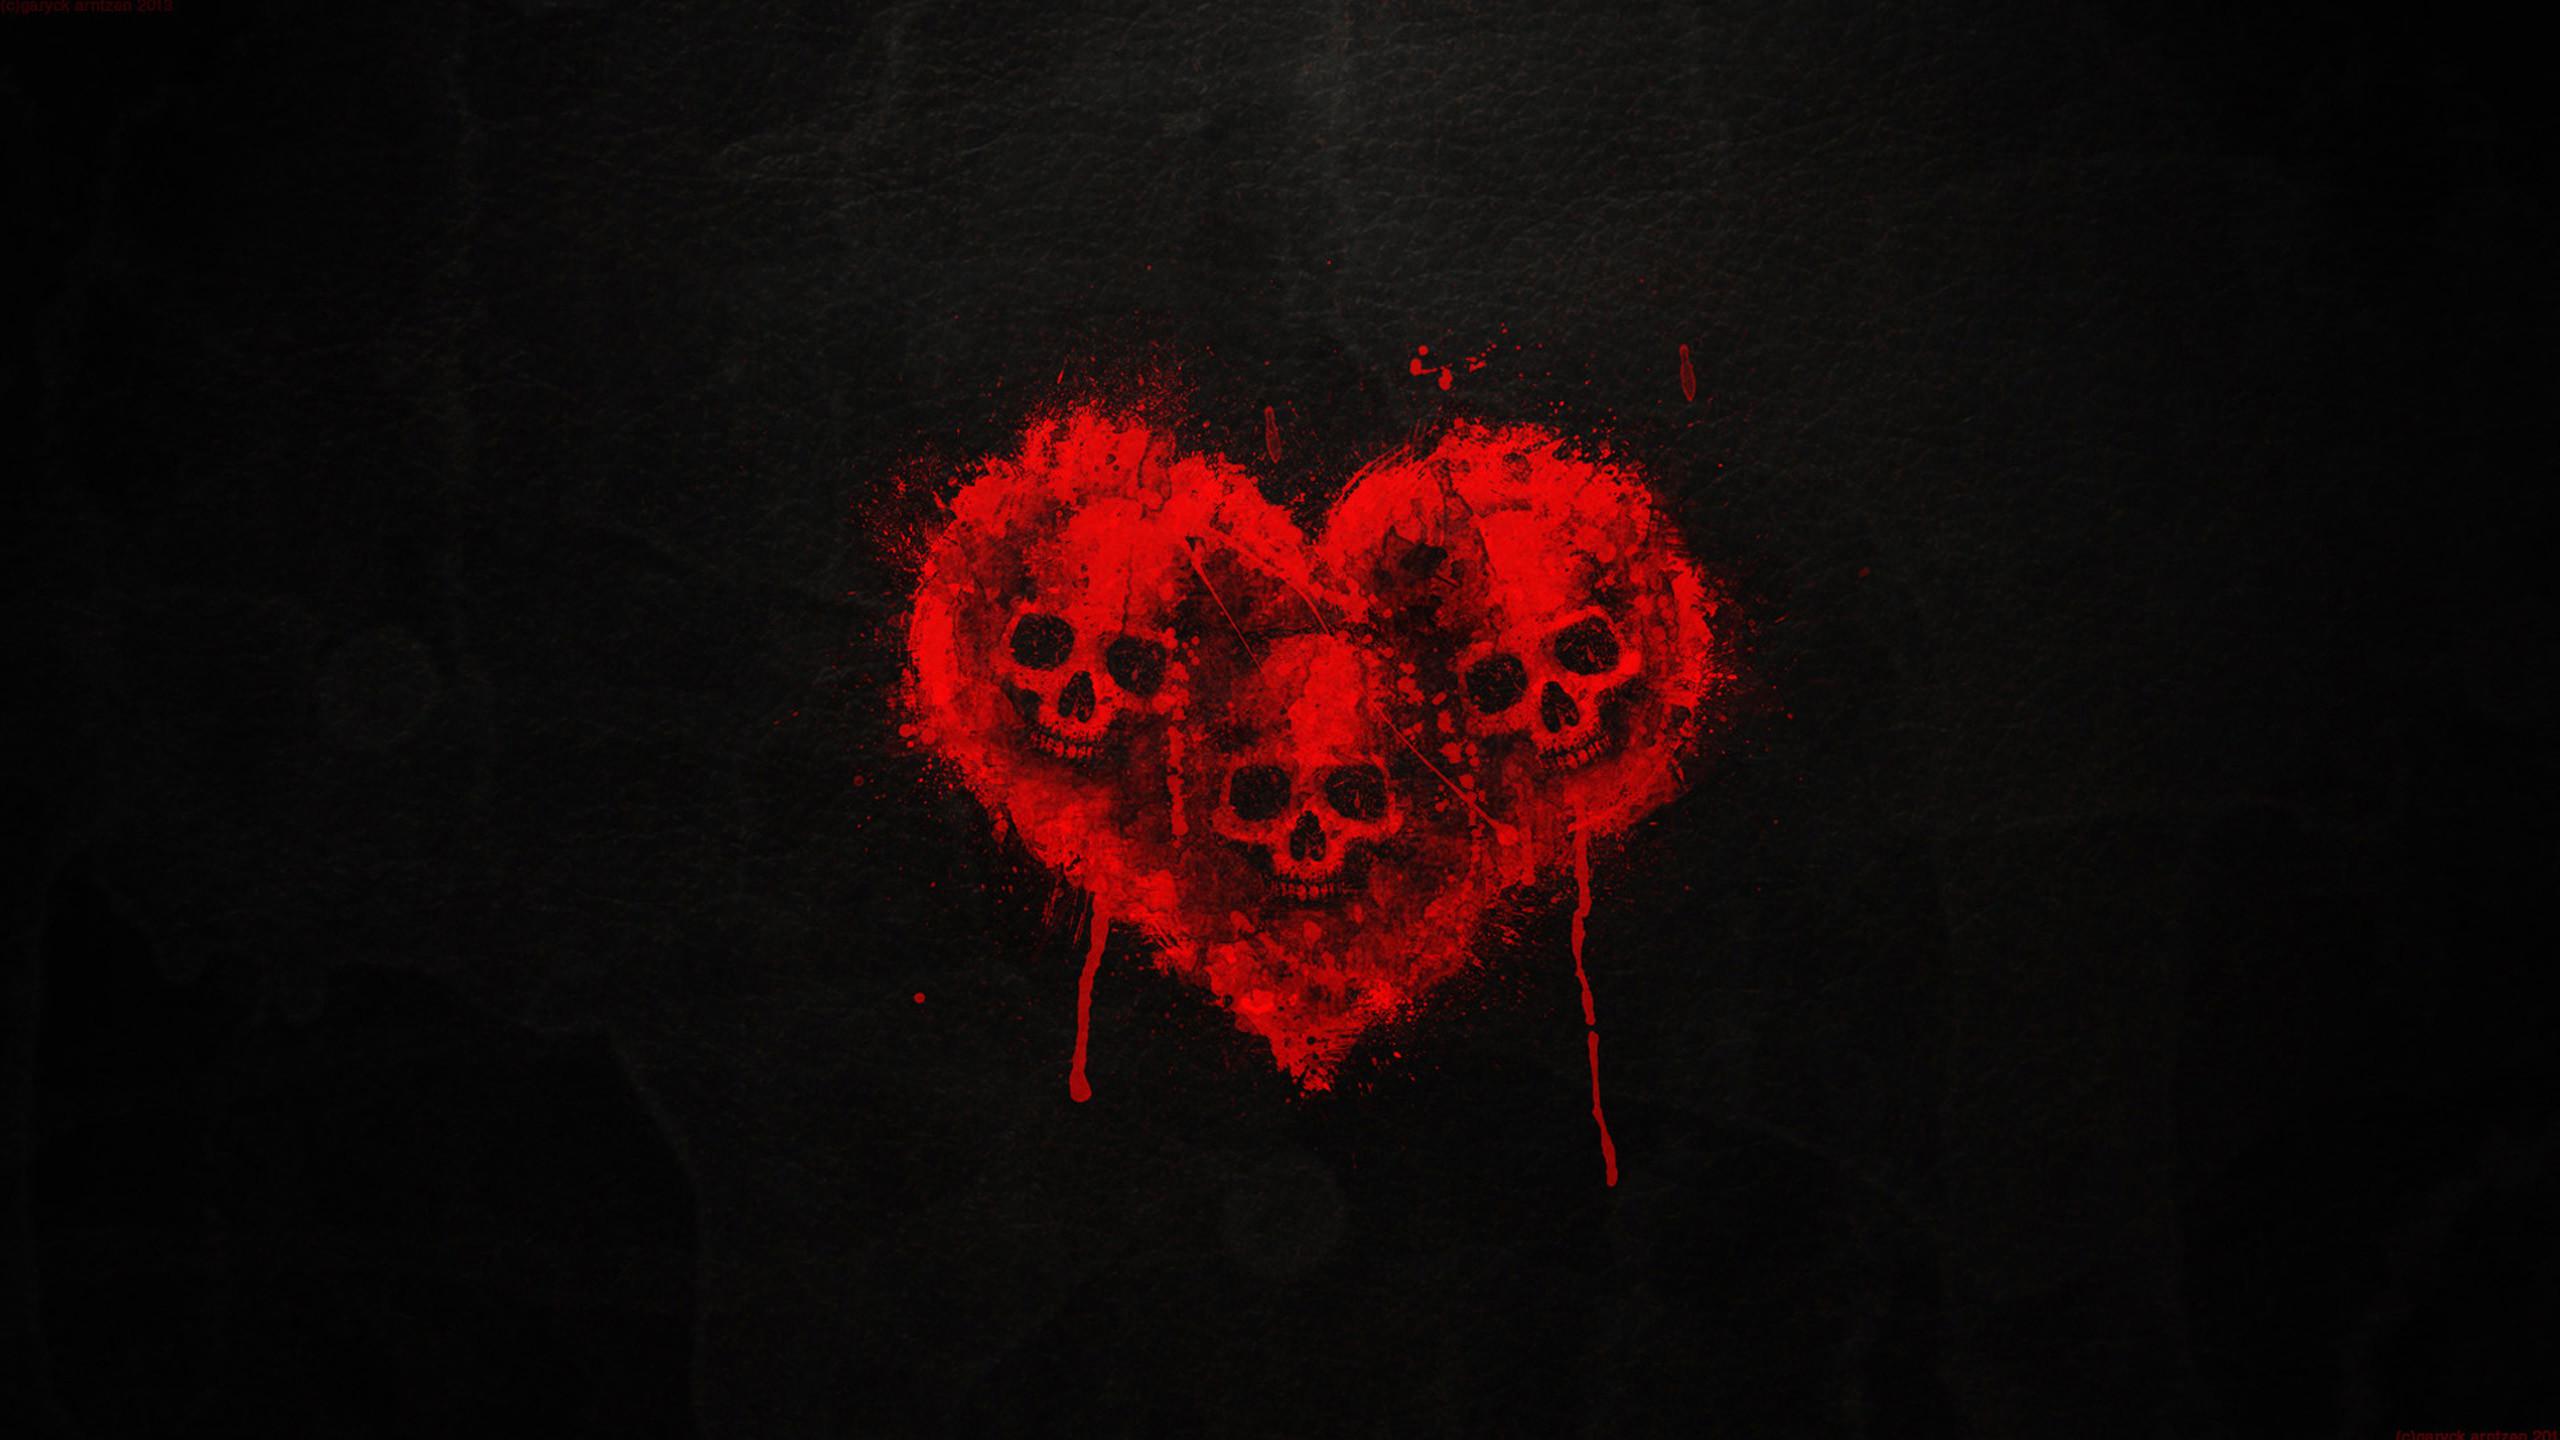 Red Skull Wallpaper (59+ images)